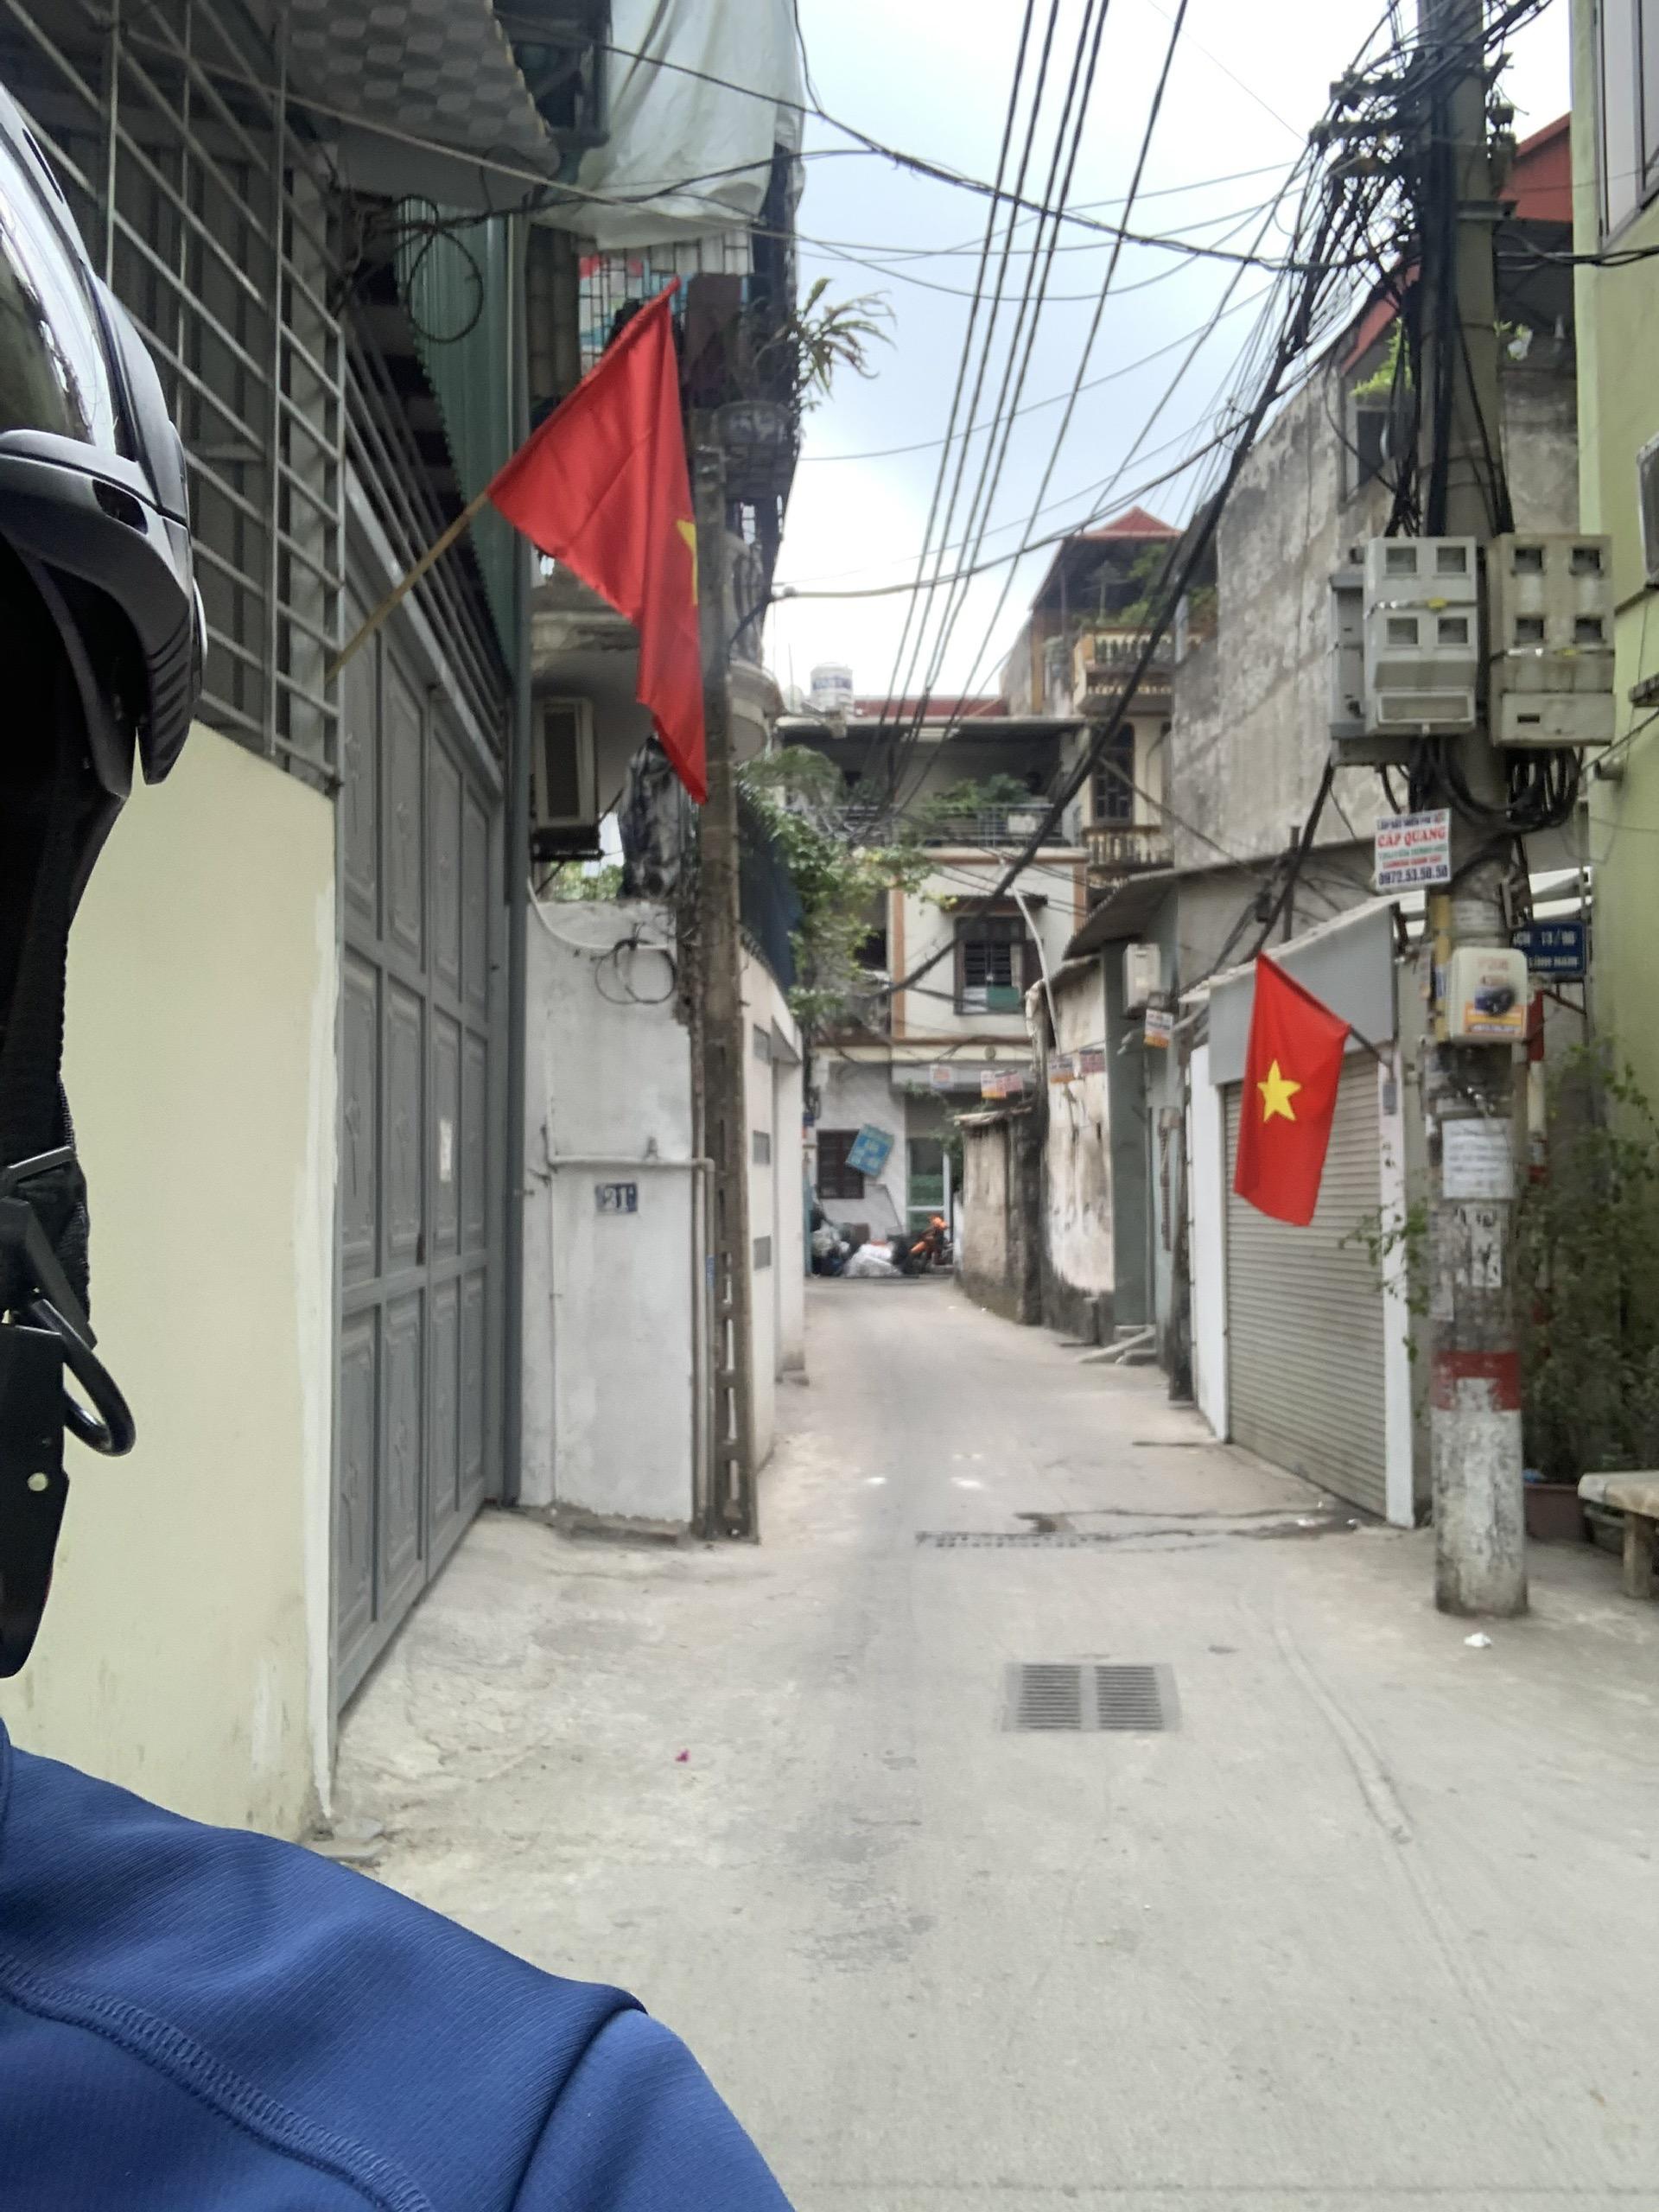 Bán nhà Vĩnh Hưng, Hoàng Mai 33m2, 2,5T, thông ngõ, giá 1,8 tỷ.